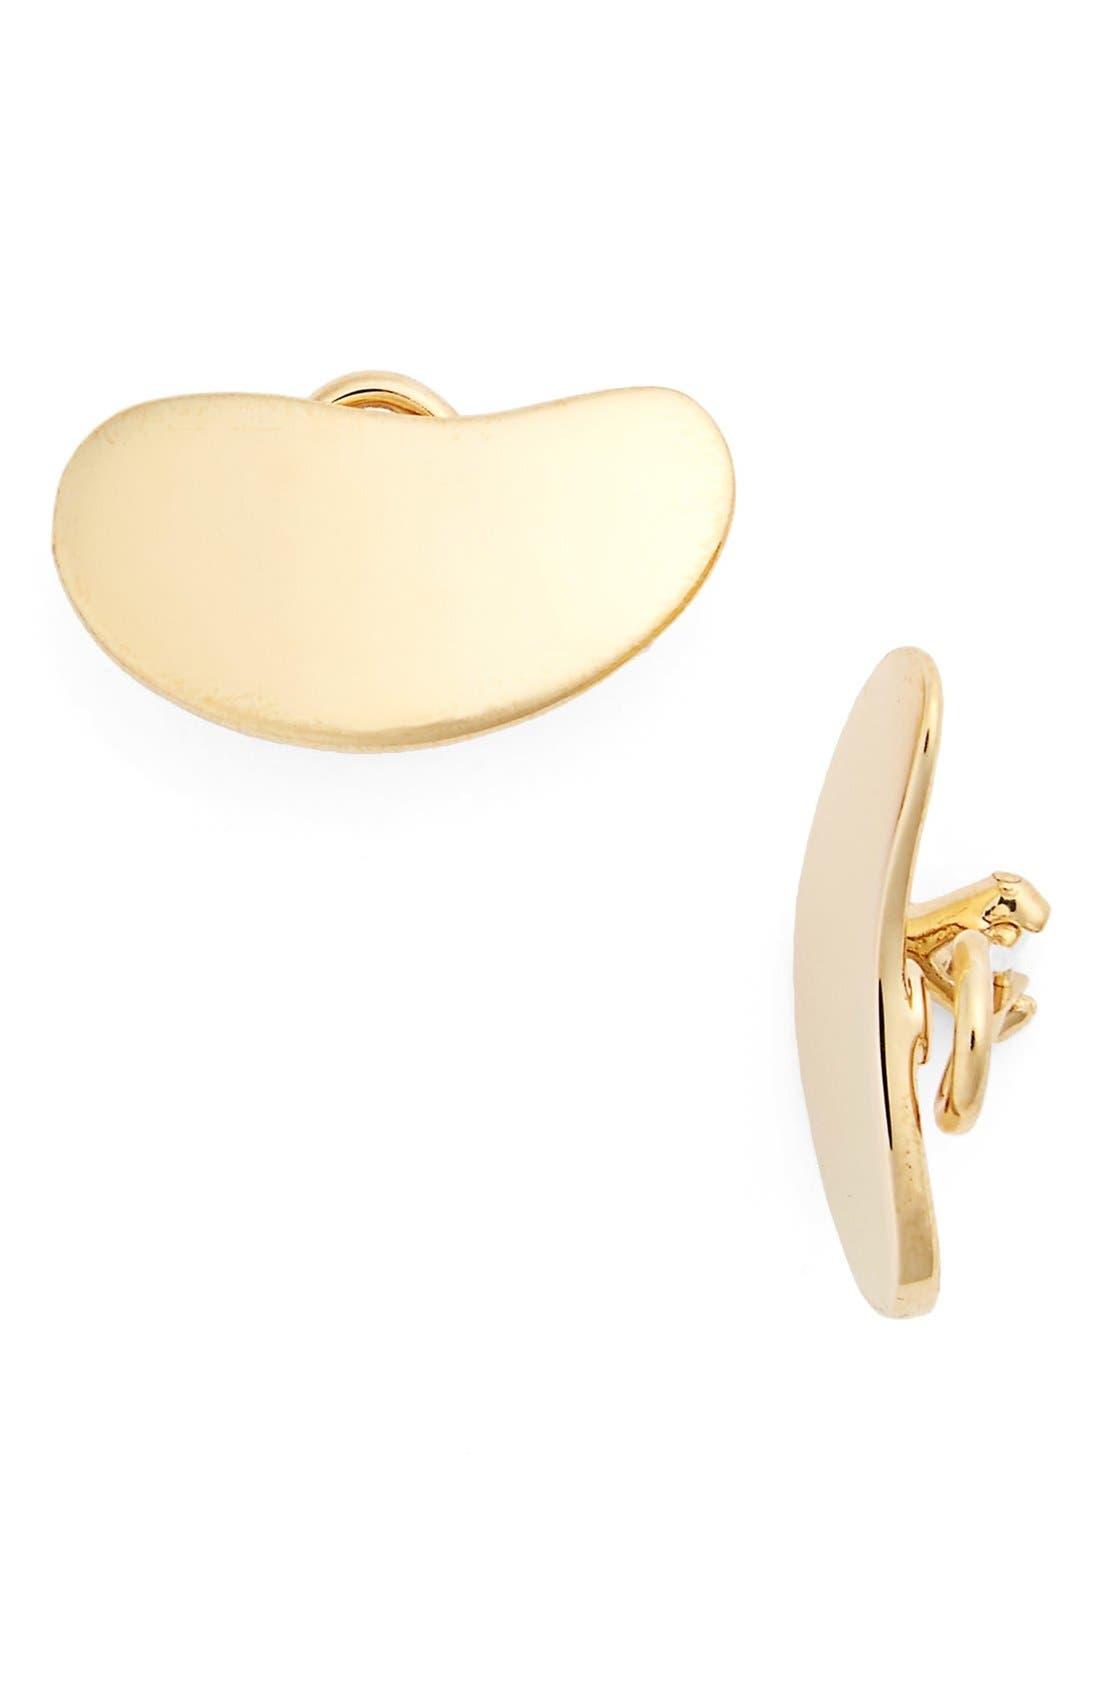 Charlotte Chesnais 'Nues' Vermeil Clip Earrings